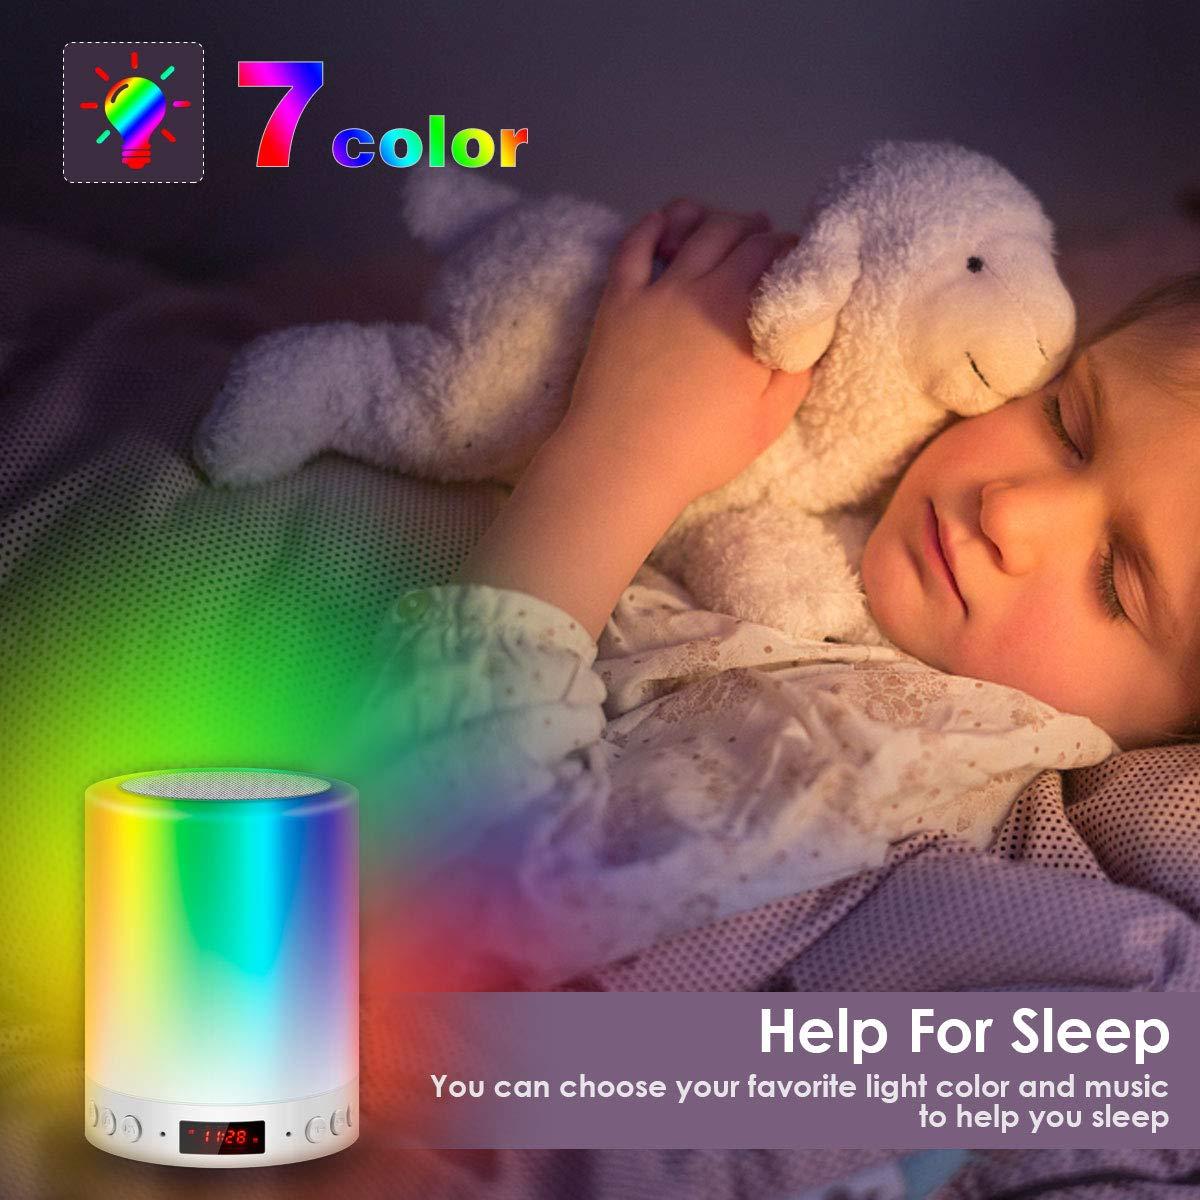 DOOK Lampe de Chevet Tacile Rechargeable Portable,Lampe de Table Enceinte Bluetooth Musique USB FM Radio R/éveil Num/érique Lumi/ère LED Multicolore Cadeau Hommes//Femmes//Enfants